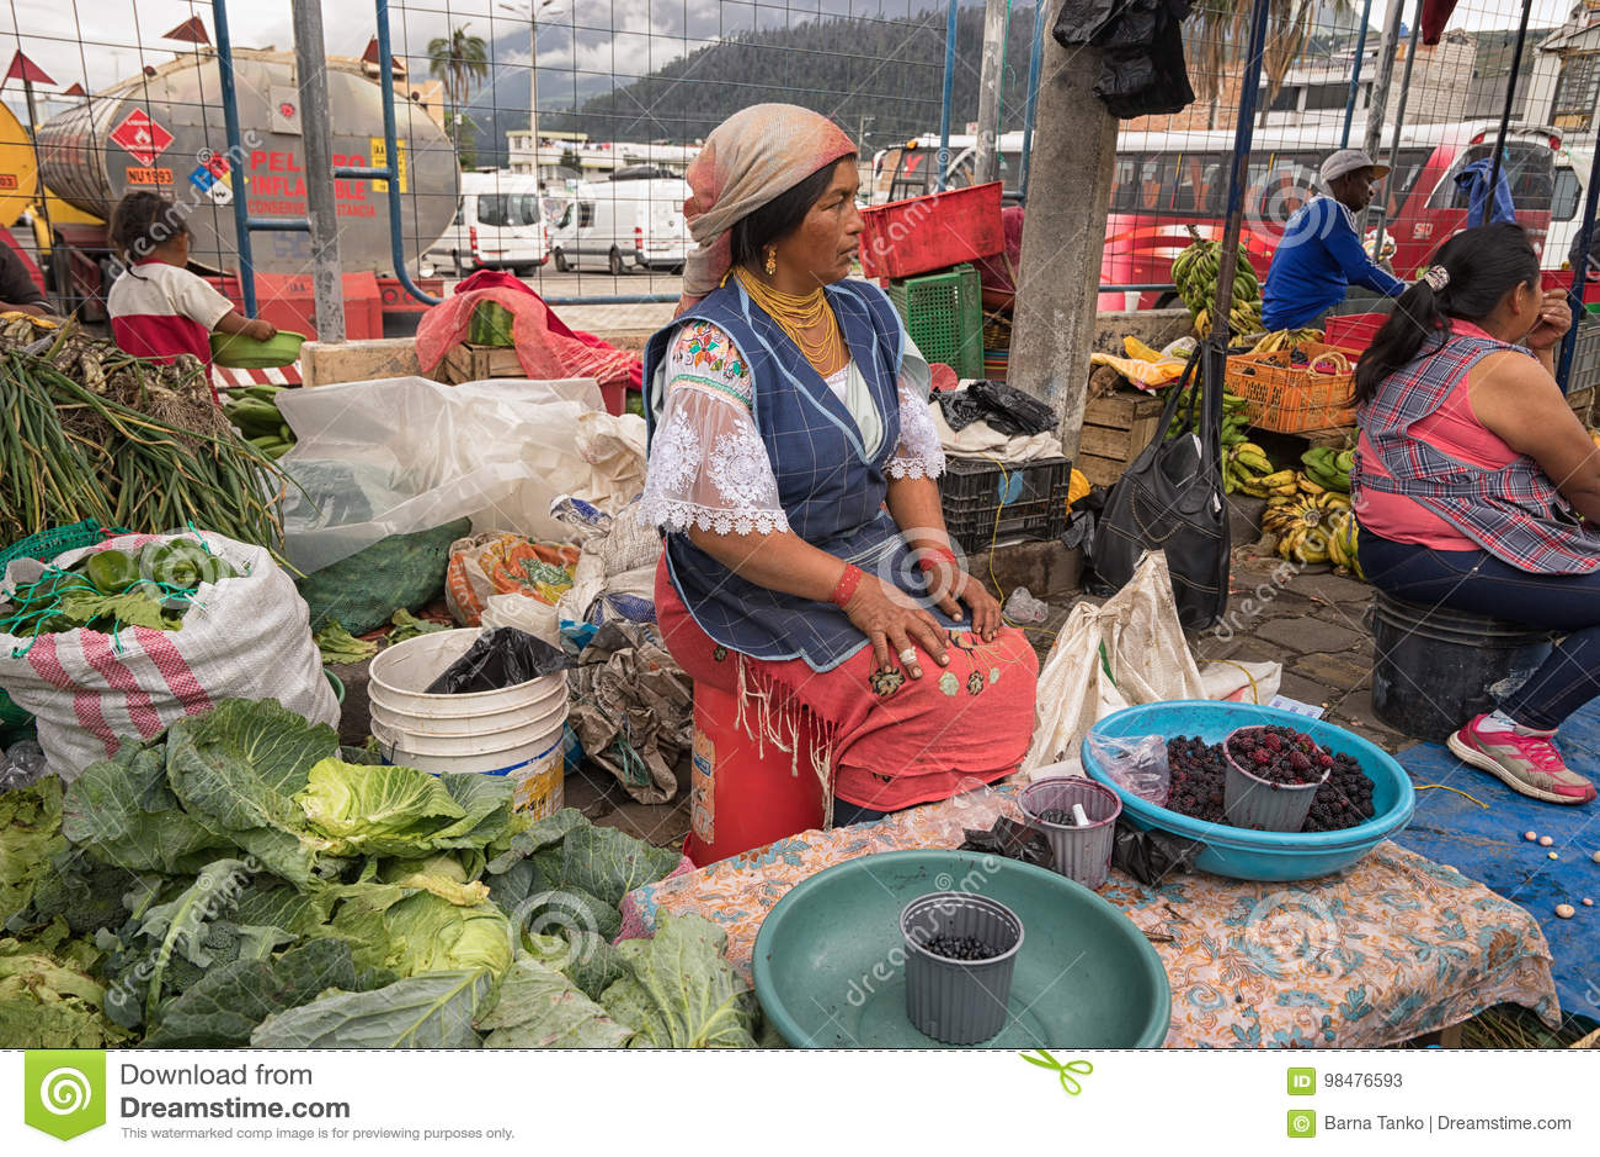 προμηθευτής προϊόντων στην αγορά Σαββάτου